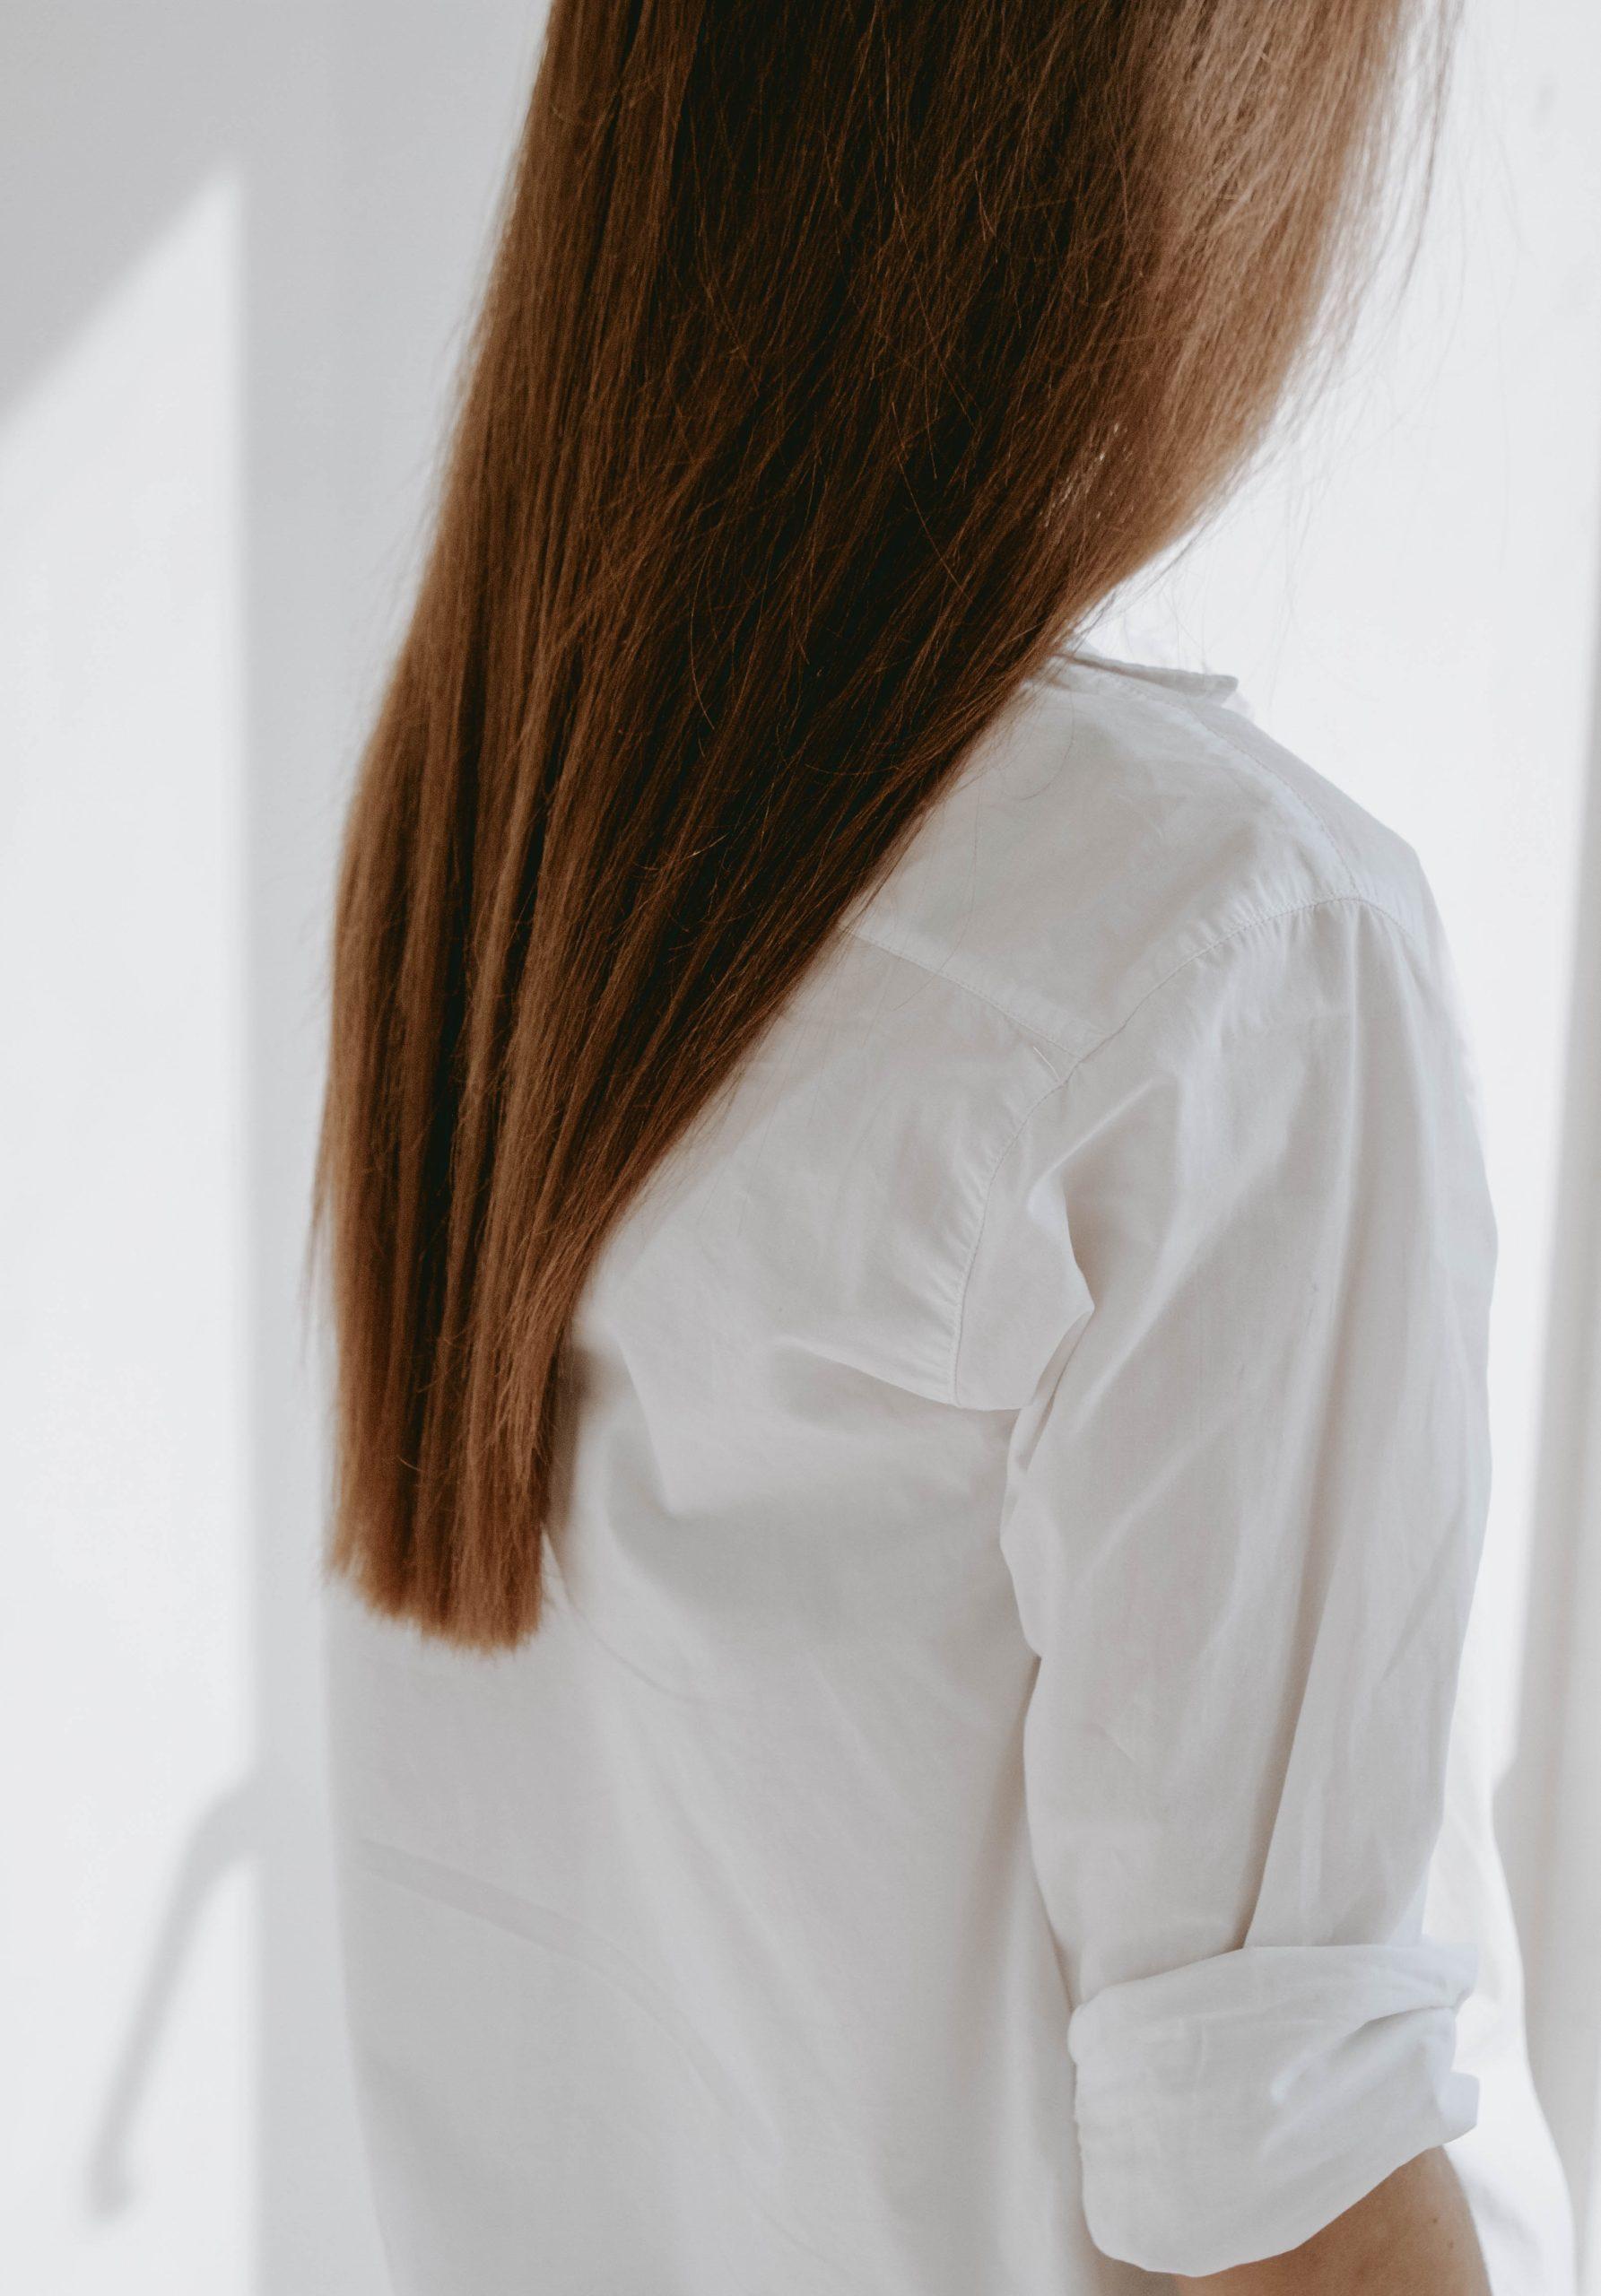 jak wykonywać olejowanie włosów